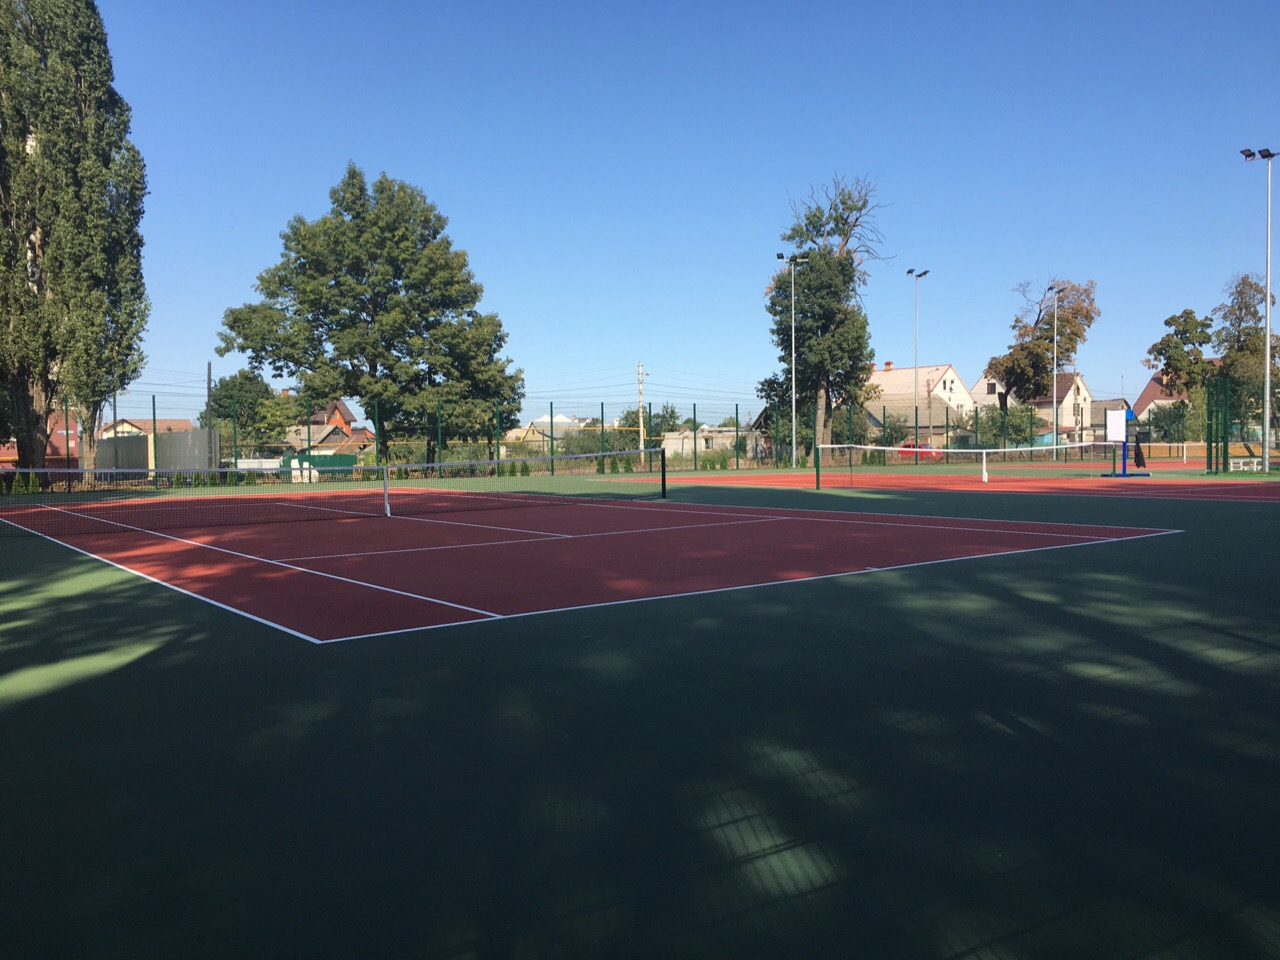 Липчане могут играть в теннис прямо в парке  — Изображение 1